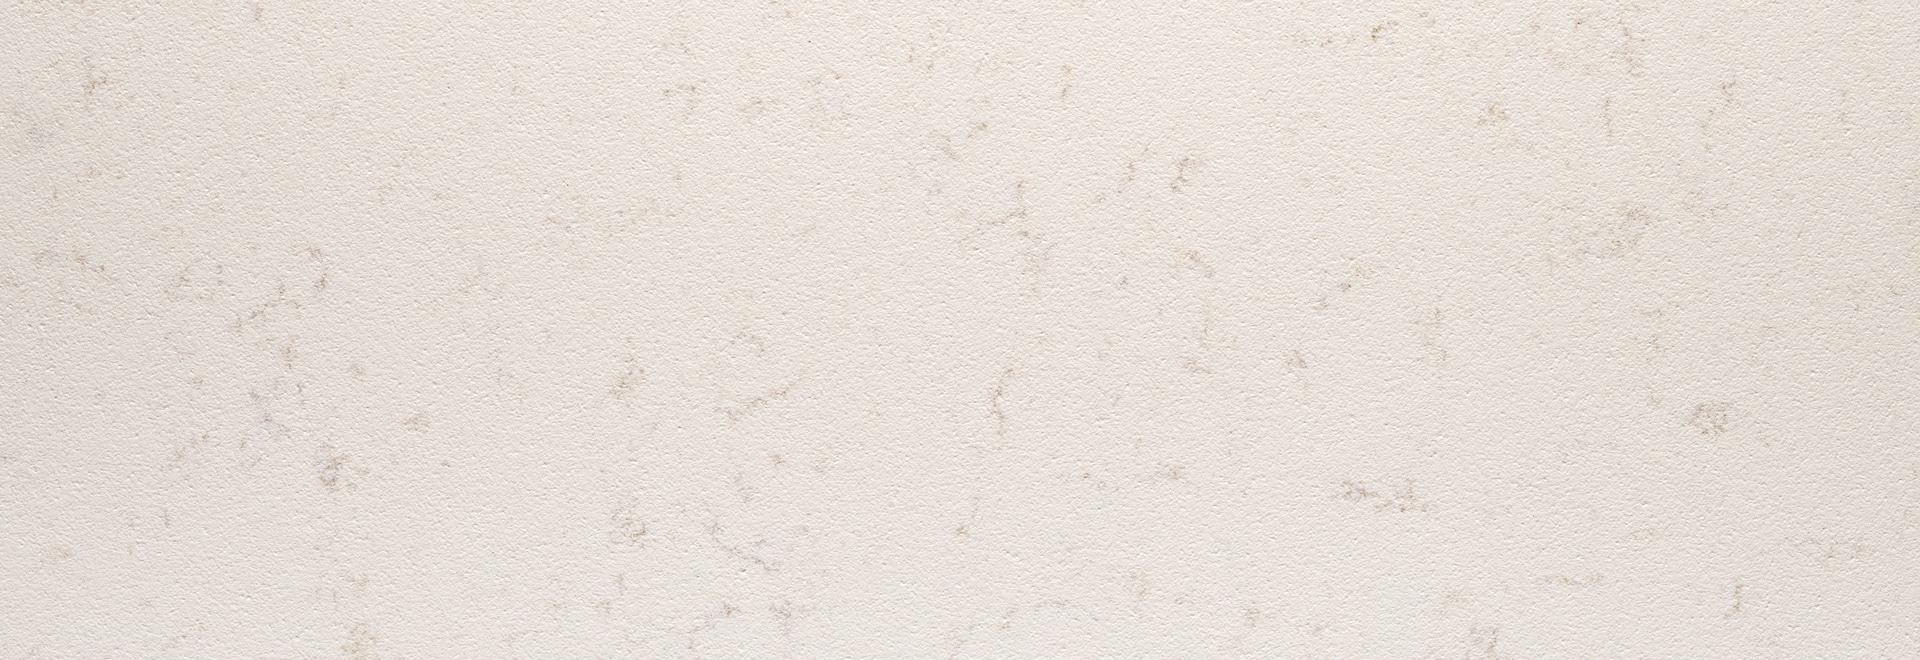 The new Lapitec® colours for Cersaie 2016 exhibition